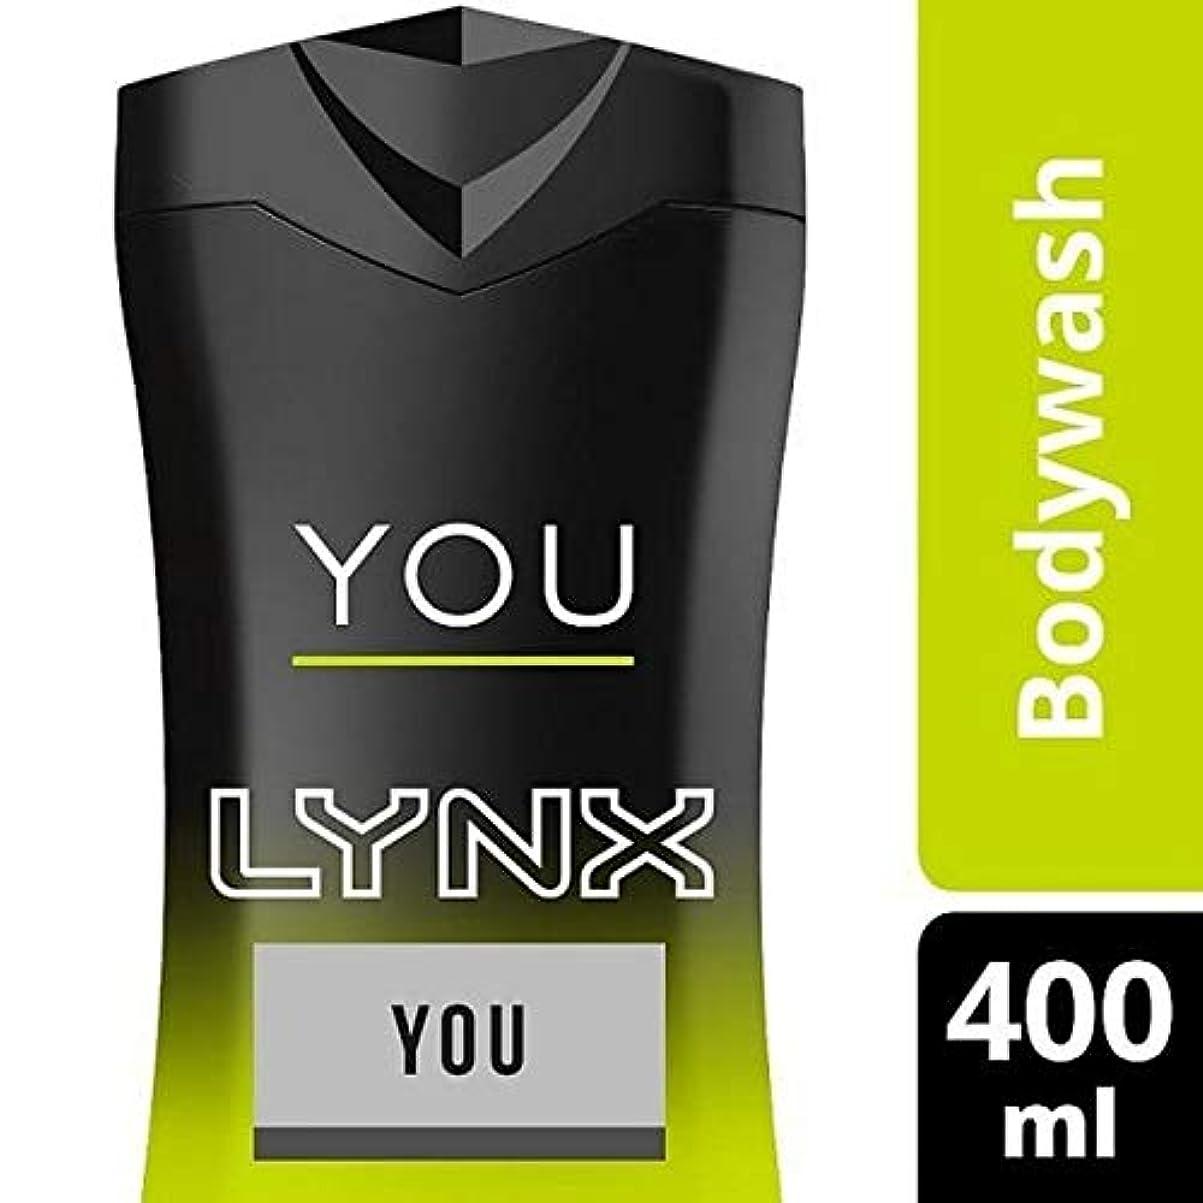 肥沃な教育学扇動する[Lynx ] あなたは400ミリリットルLynx - Lynx YOU 400ml [並行輸入品]